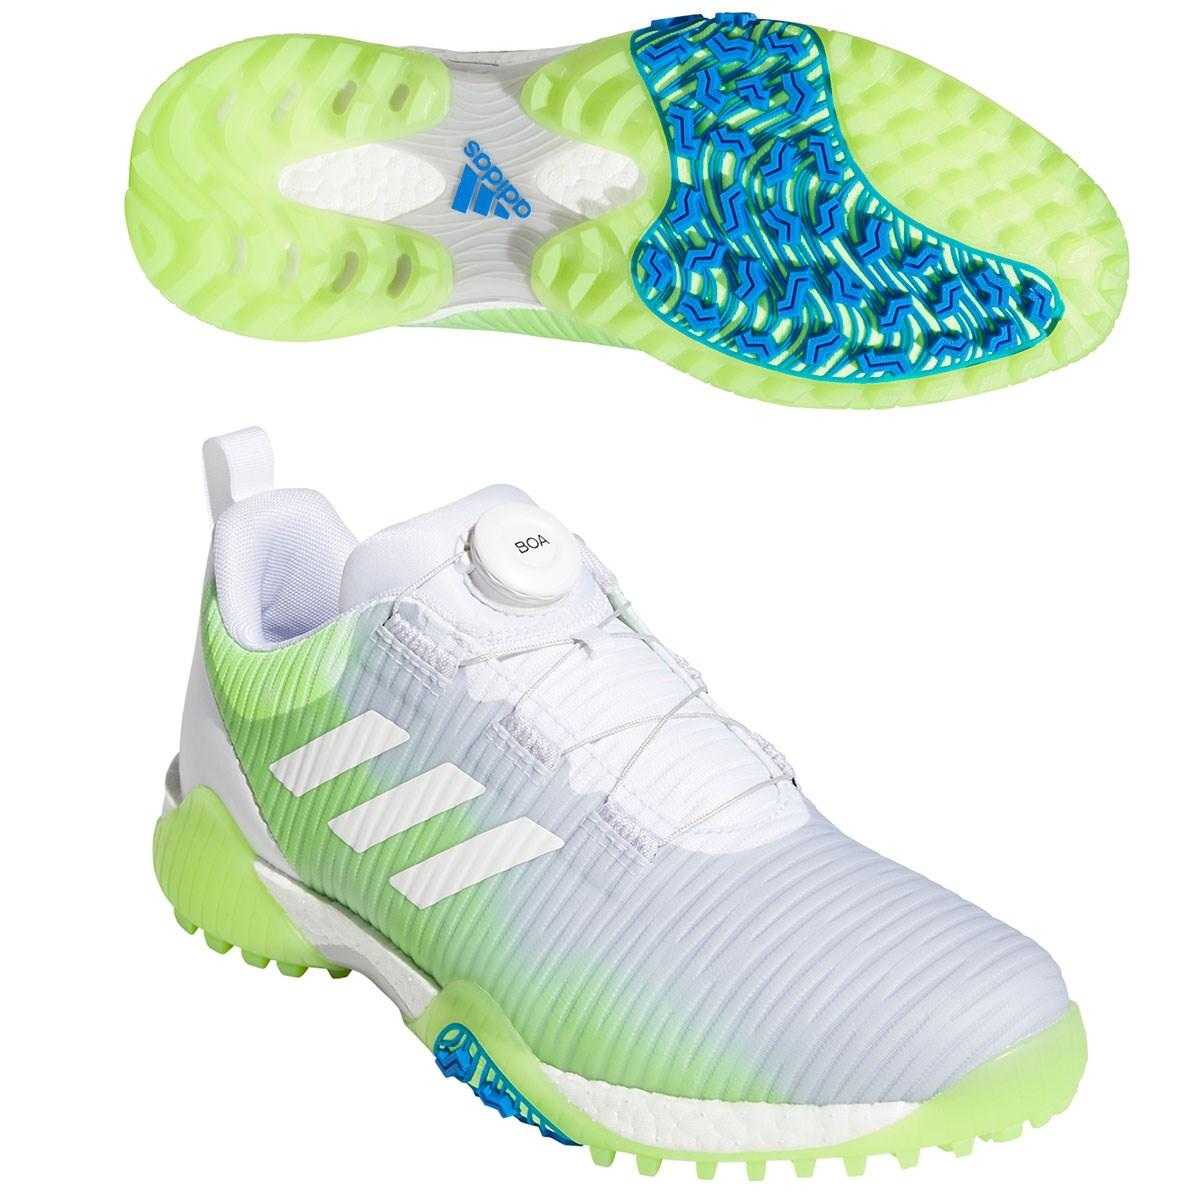 アディダス Adidas コードカオス ボア ロウ シューズ 25.5cm ホワイト/シグナルグリーン/グローリーブルー